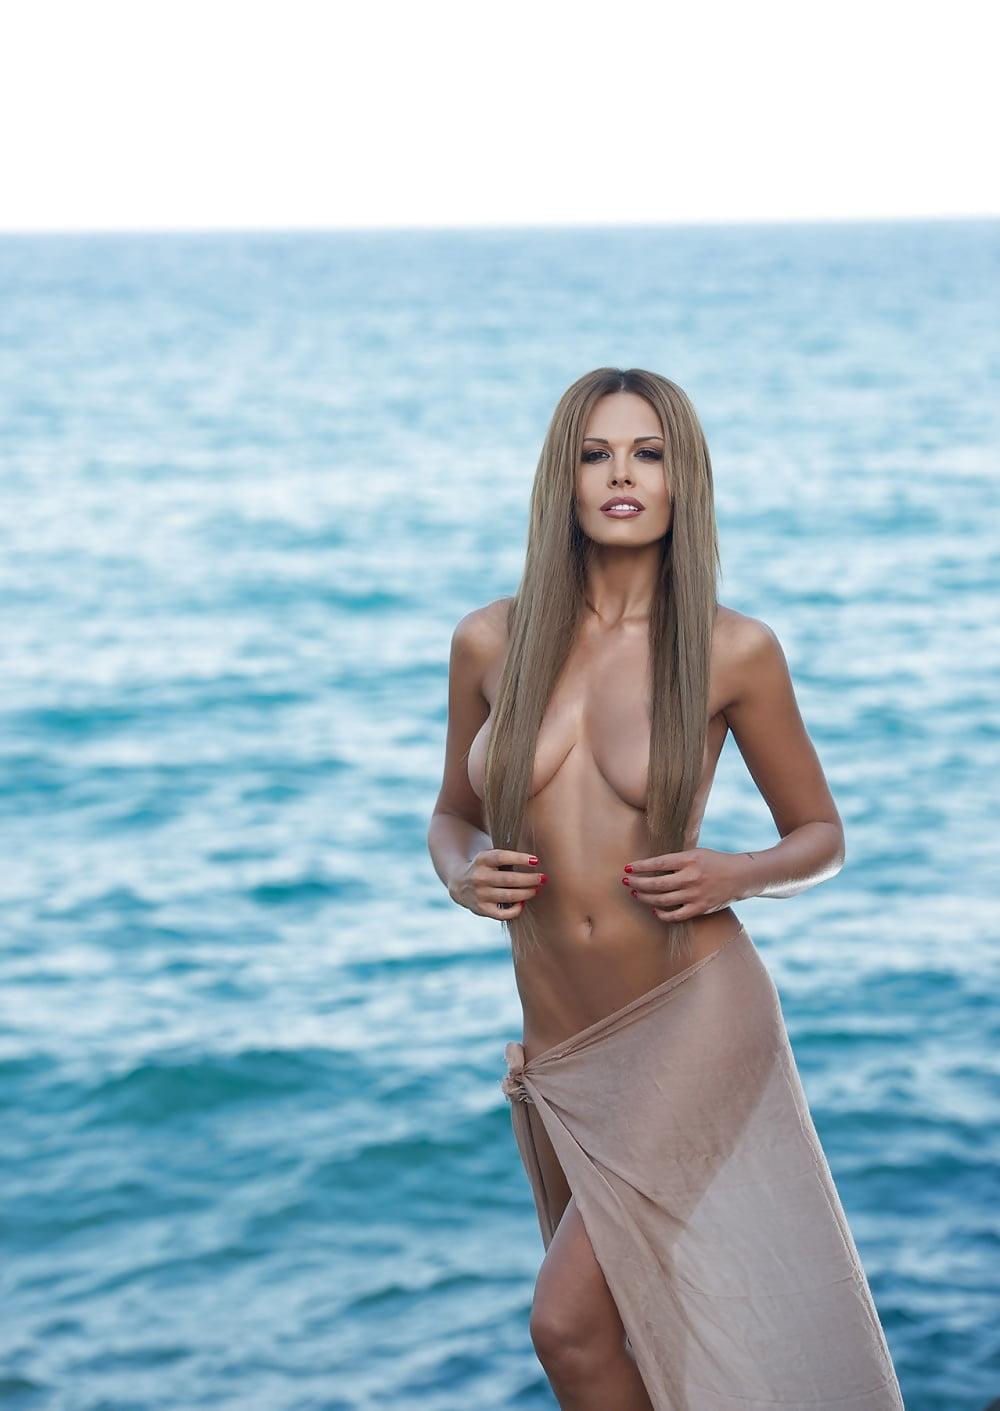 Мария Горбань интимное фото на пляже